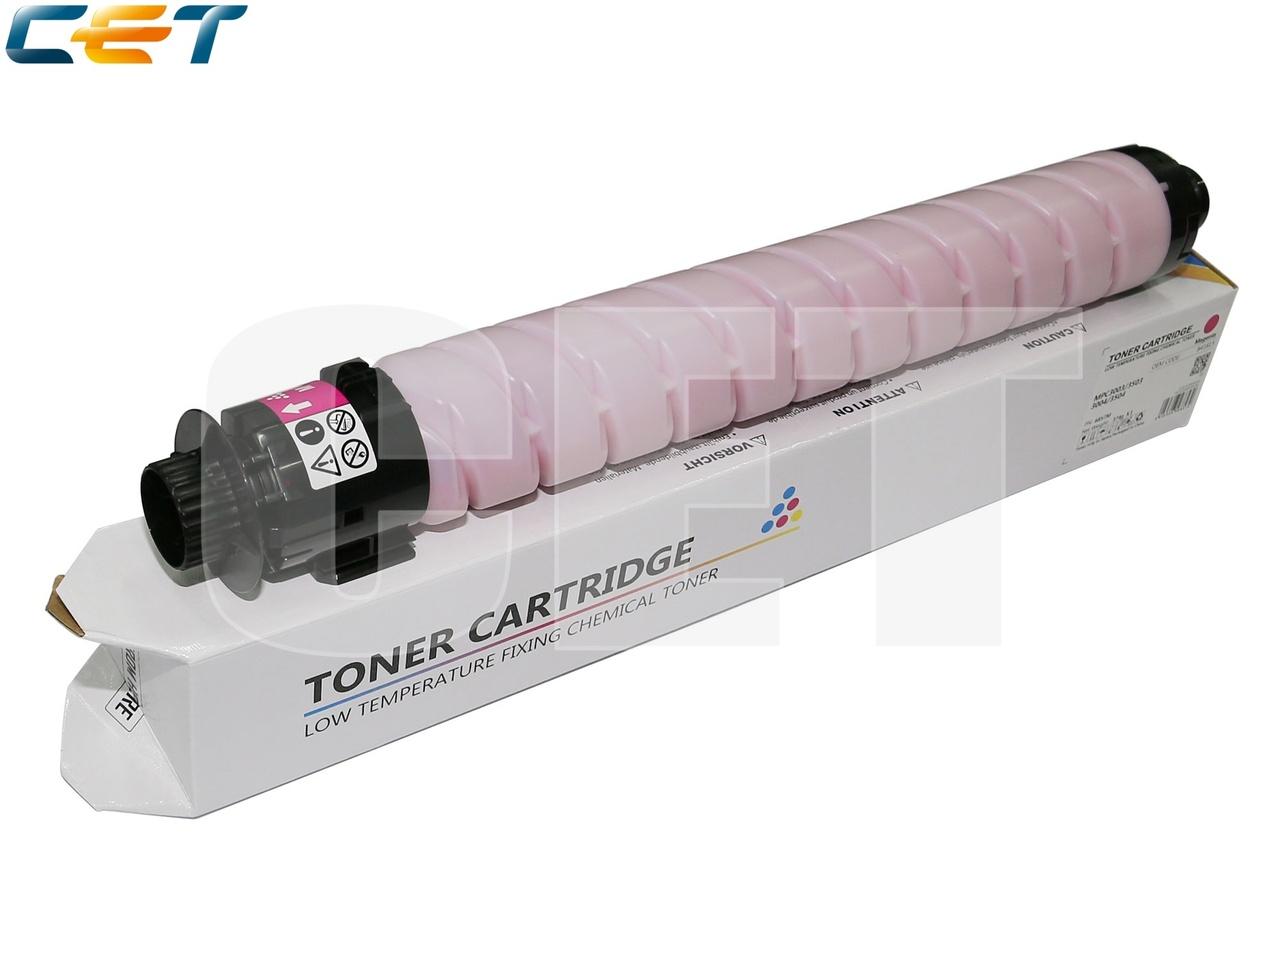 Тонер-картридж (CPT, HT8) 841819 для RICOHMPC3003/3503/3004/3504 (CET) Magenta, 374г, 18000 стр.,CET6857M